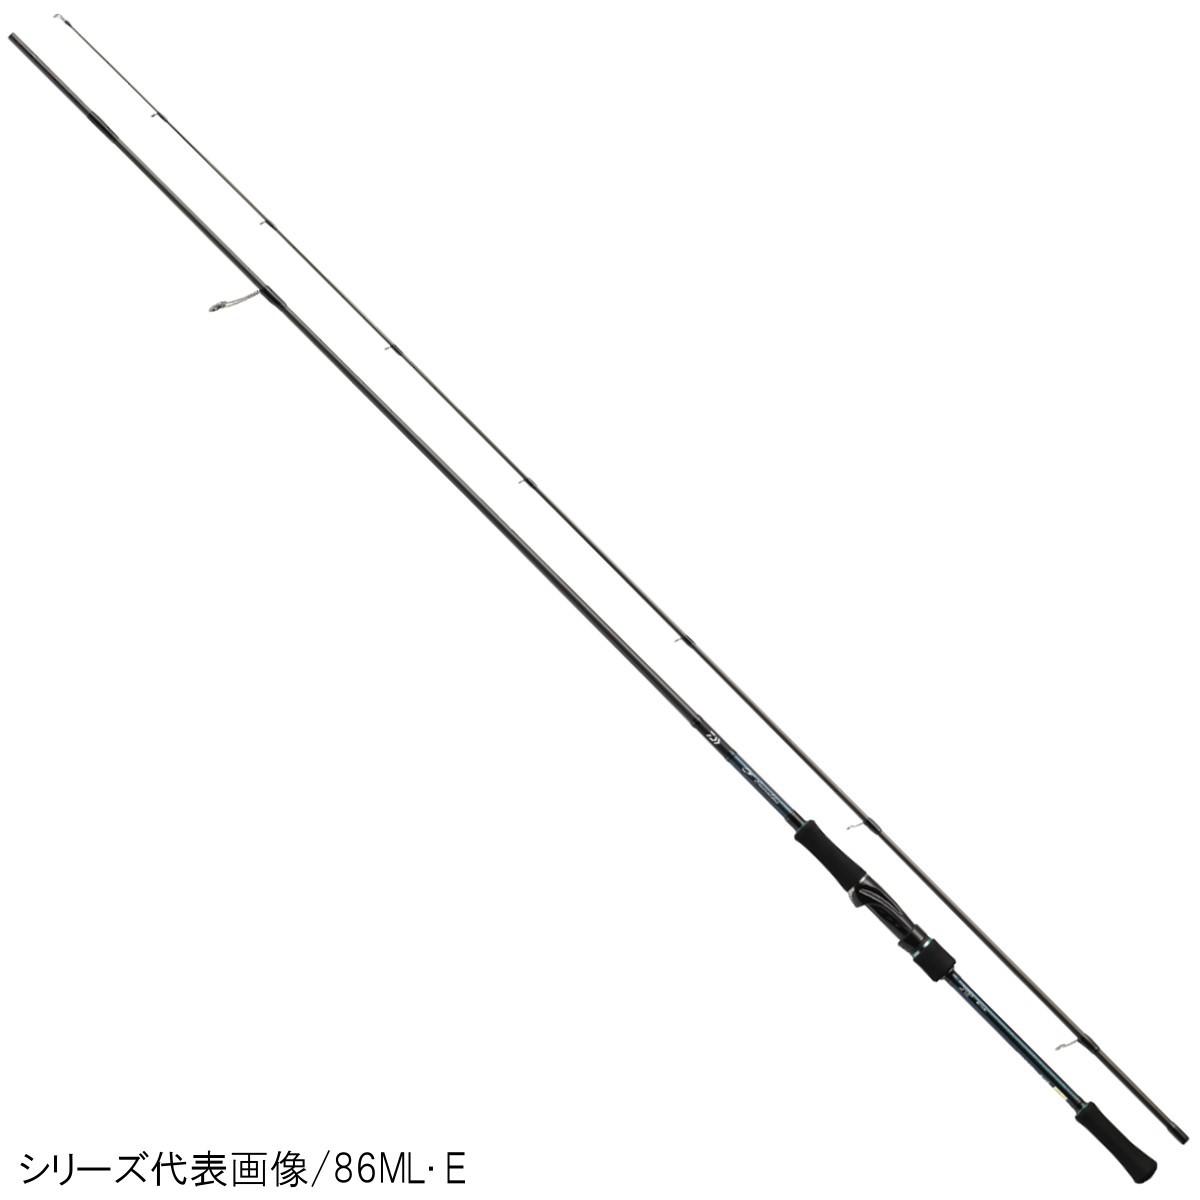 ダイワ エメラルダス MX(アウトガイドモデル) 86MH・E【送料無料】